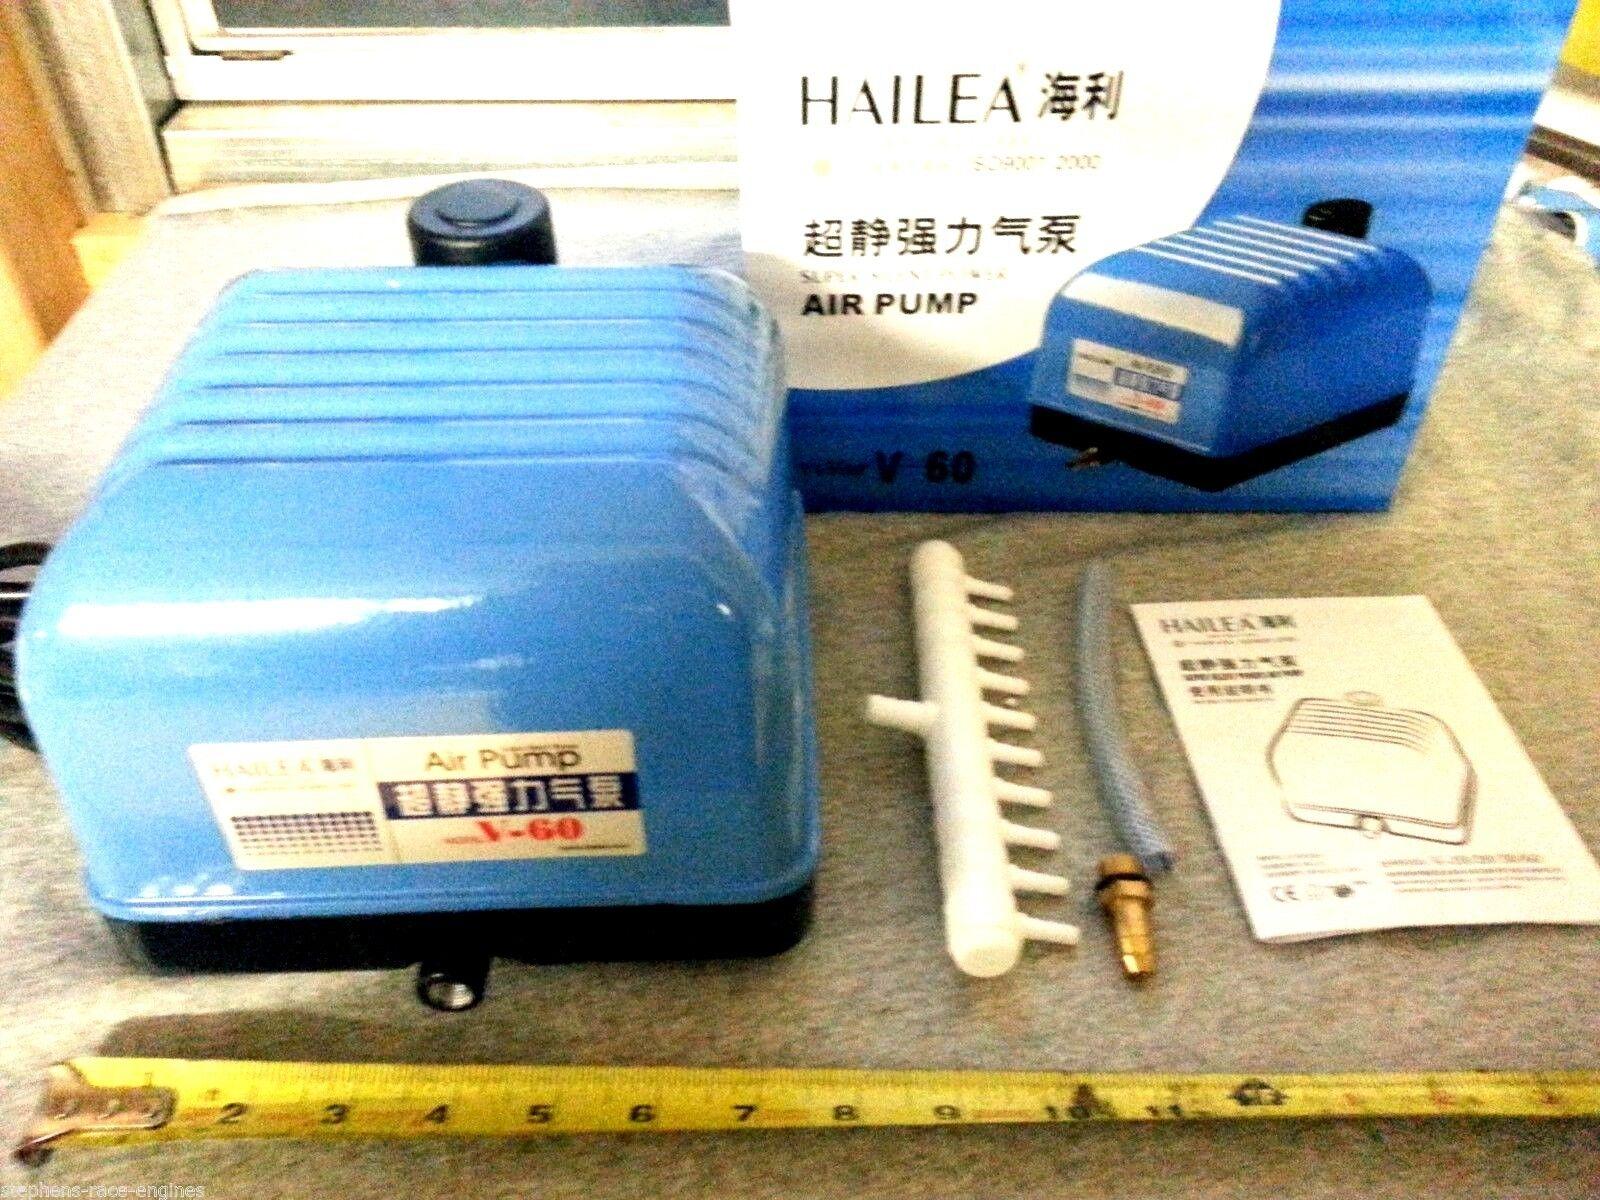 HAILEA V-60 SEPTIC POND AIR PUMP ATU TREATMENT PLANT COMPRESSOR